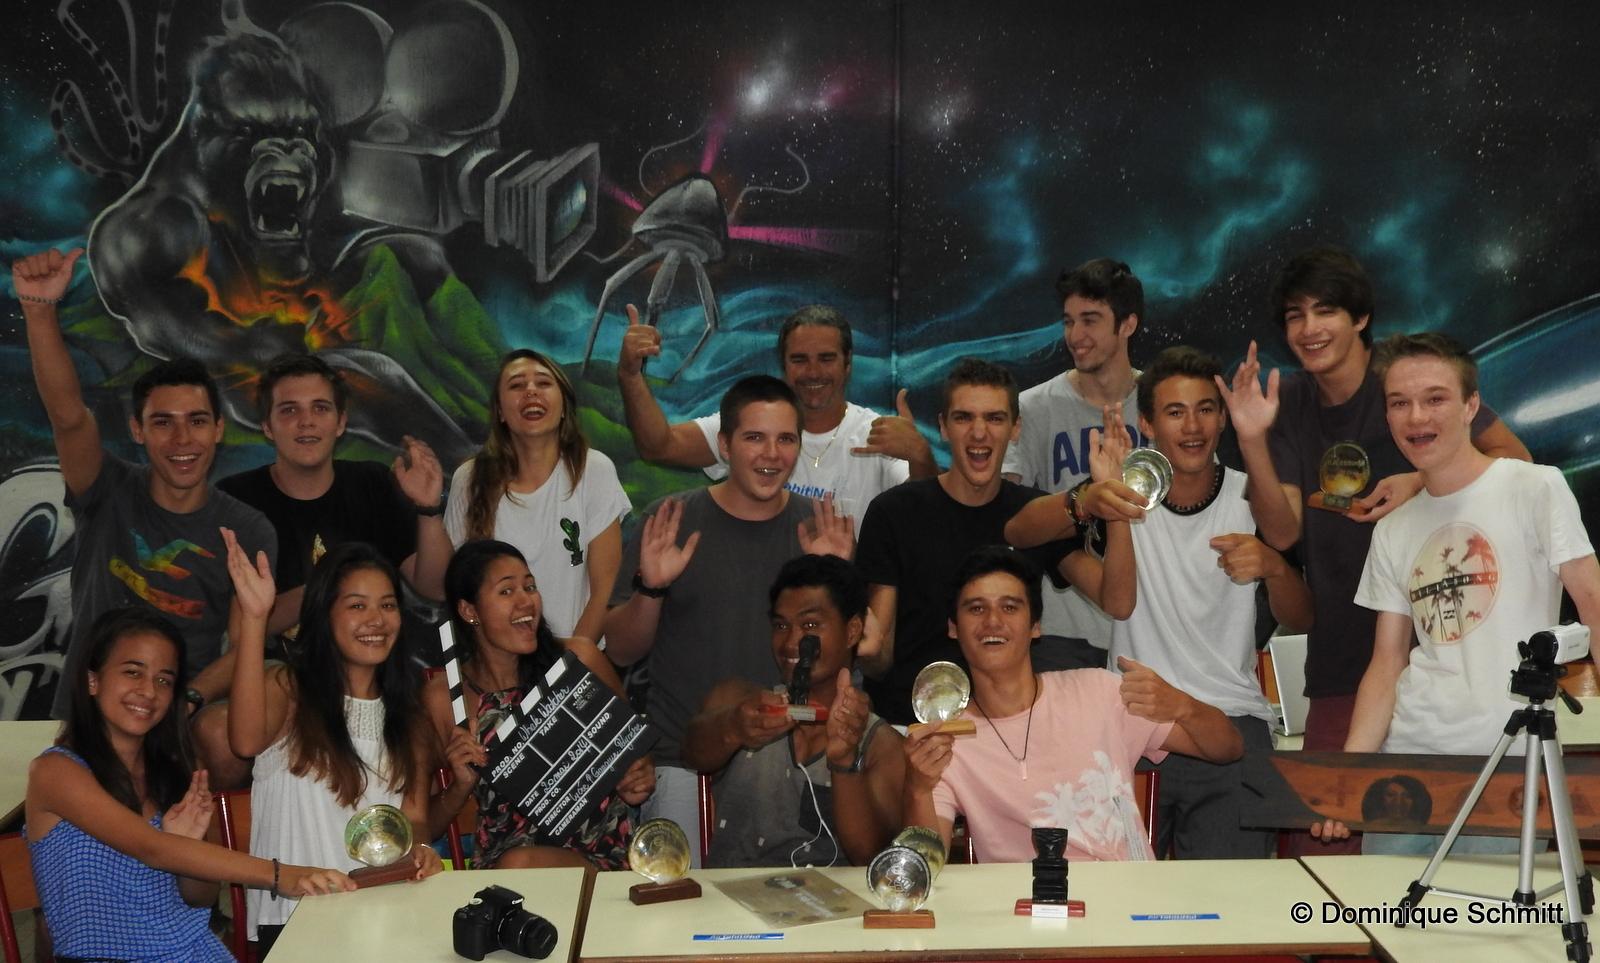 Les élèves de l'atelier LPG Prod's du lycée Paul Gauguin, fiers de poser devant leur nombreux prix.